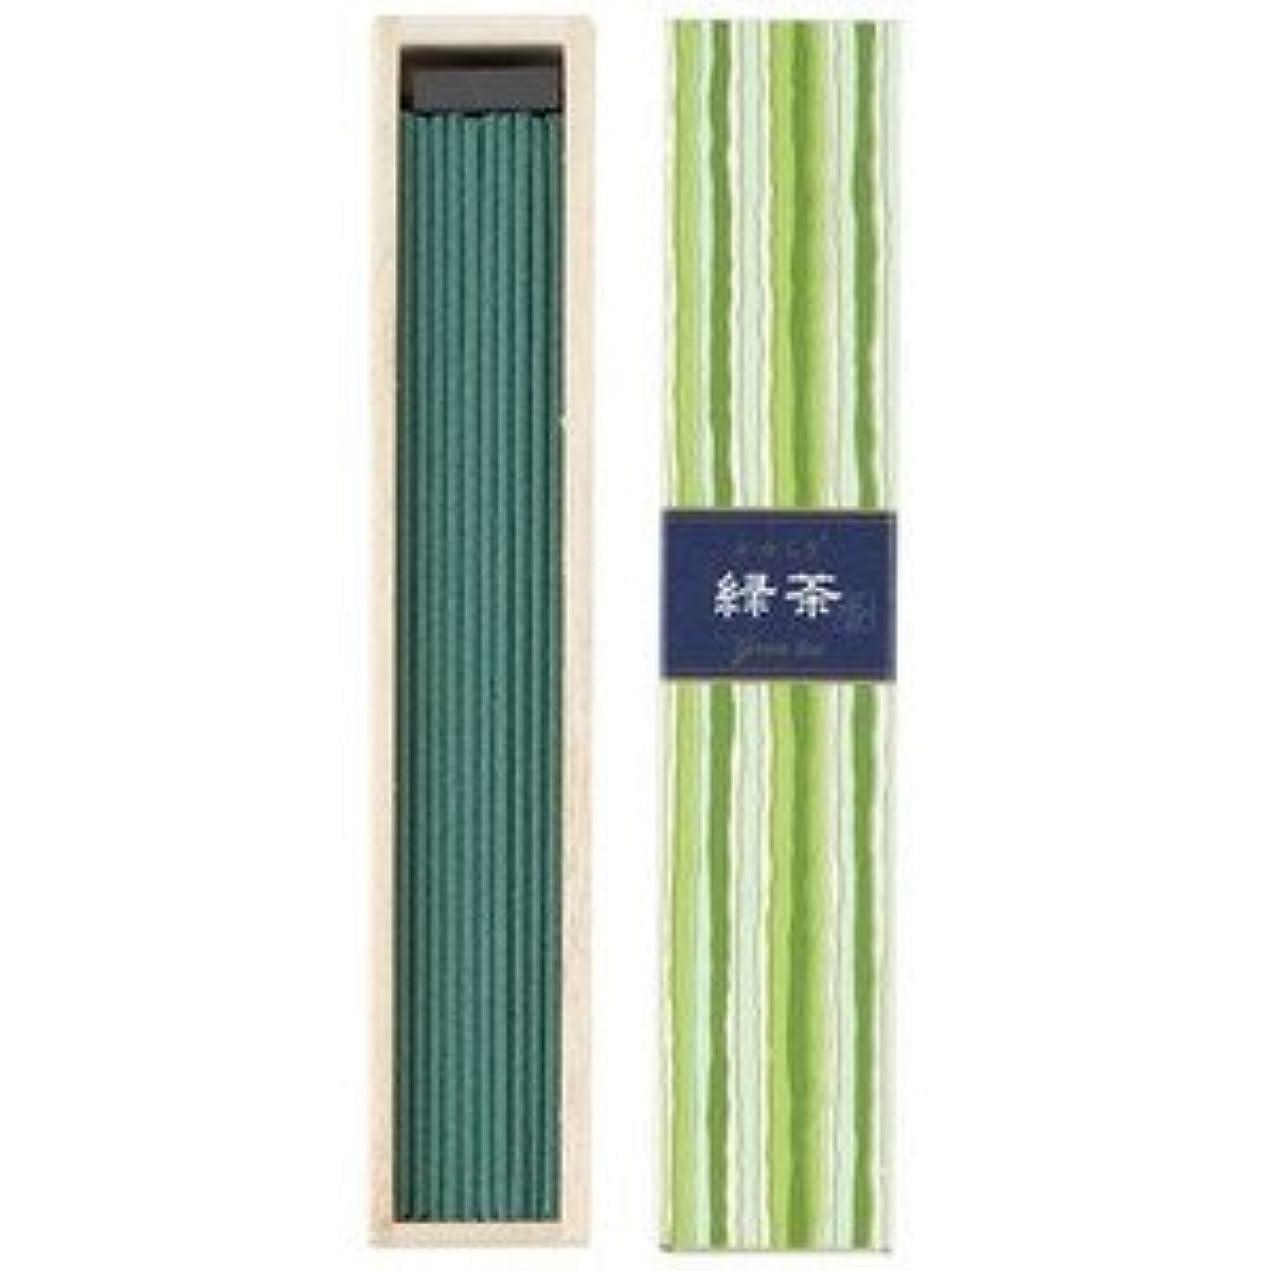 貝殻小川踏み台日本香堂 かゆらぎスティック 緑茶